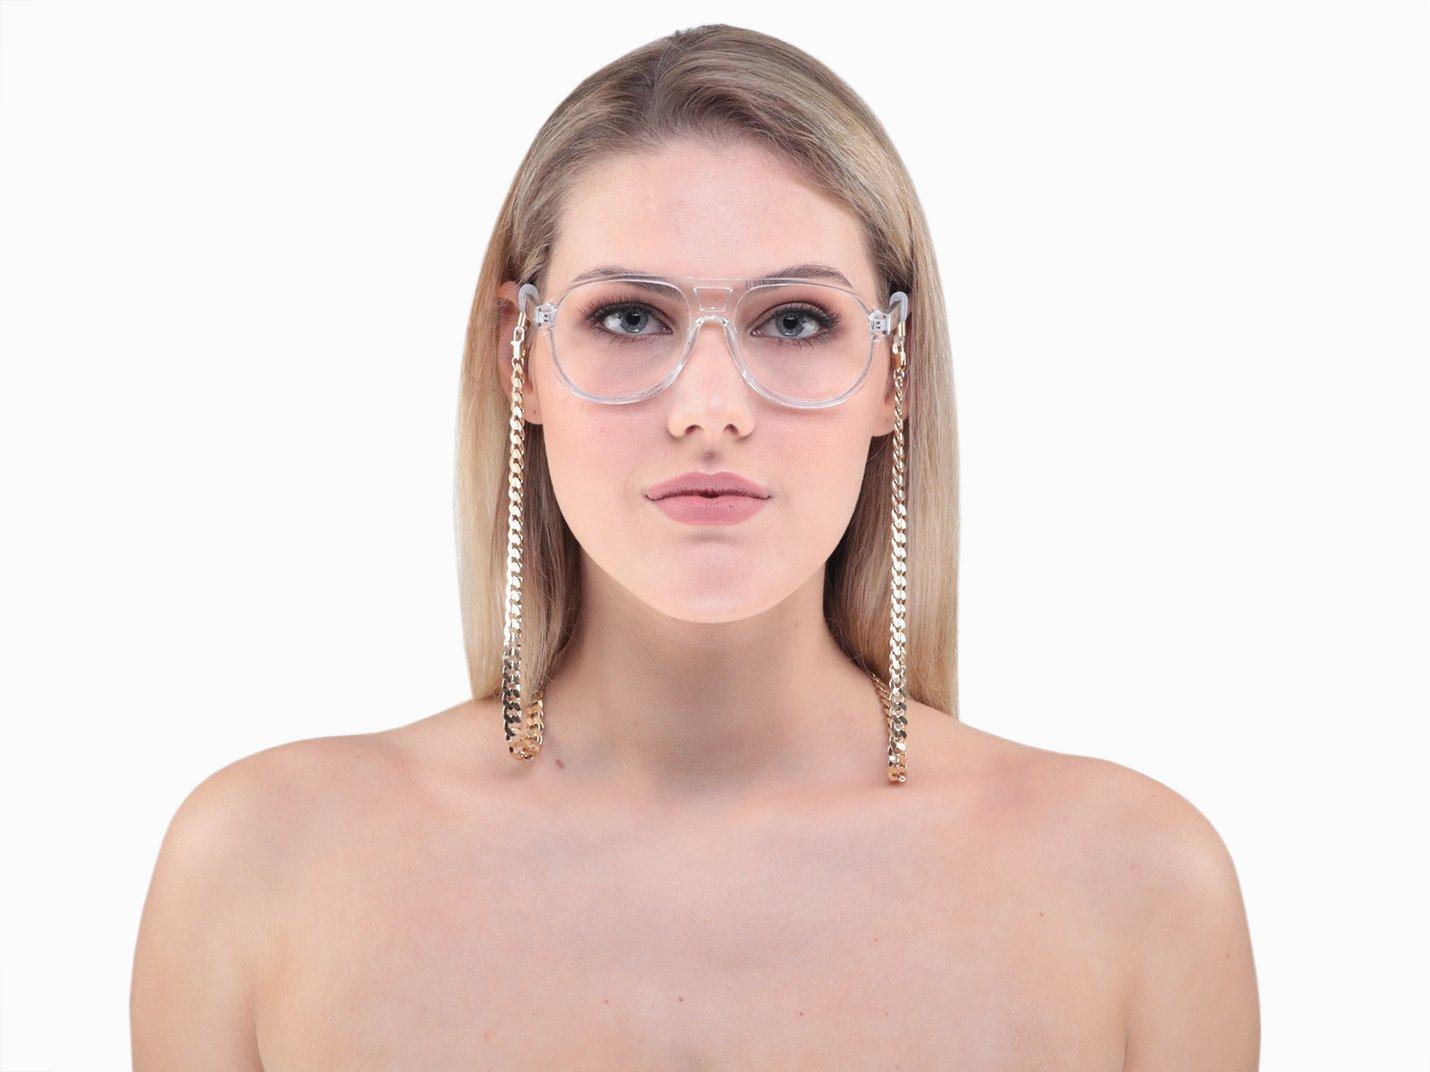 Gold Glasses Chain - Jett